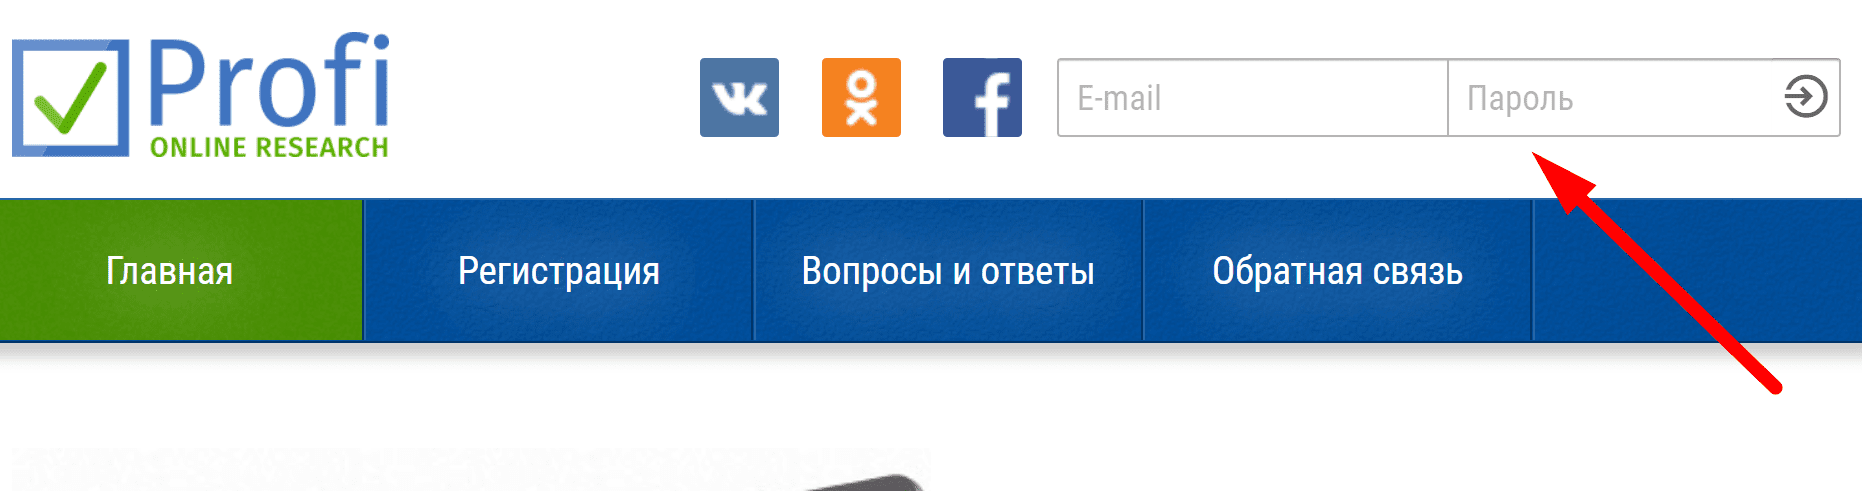 Ссылка на сайт онлайн опросника «Profi Online Research»